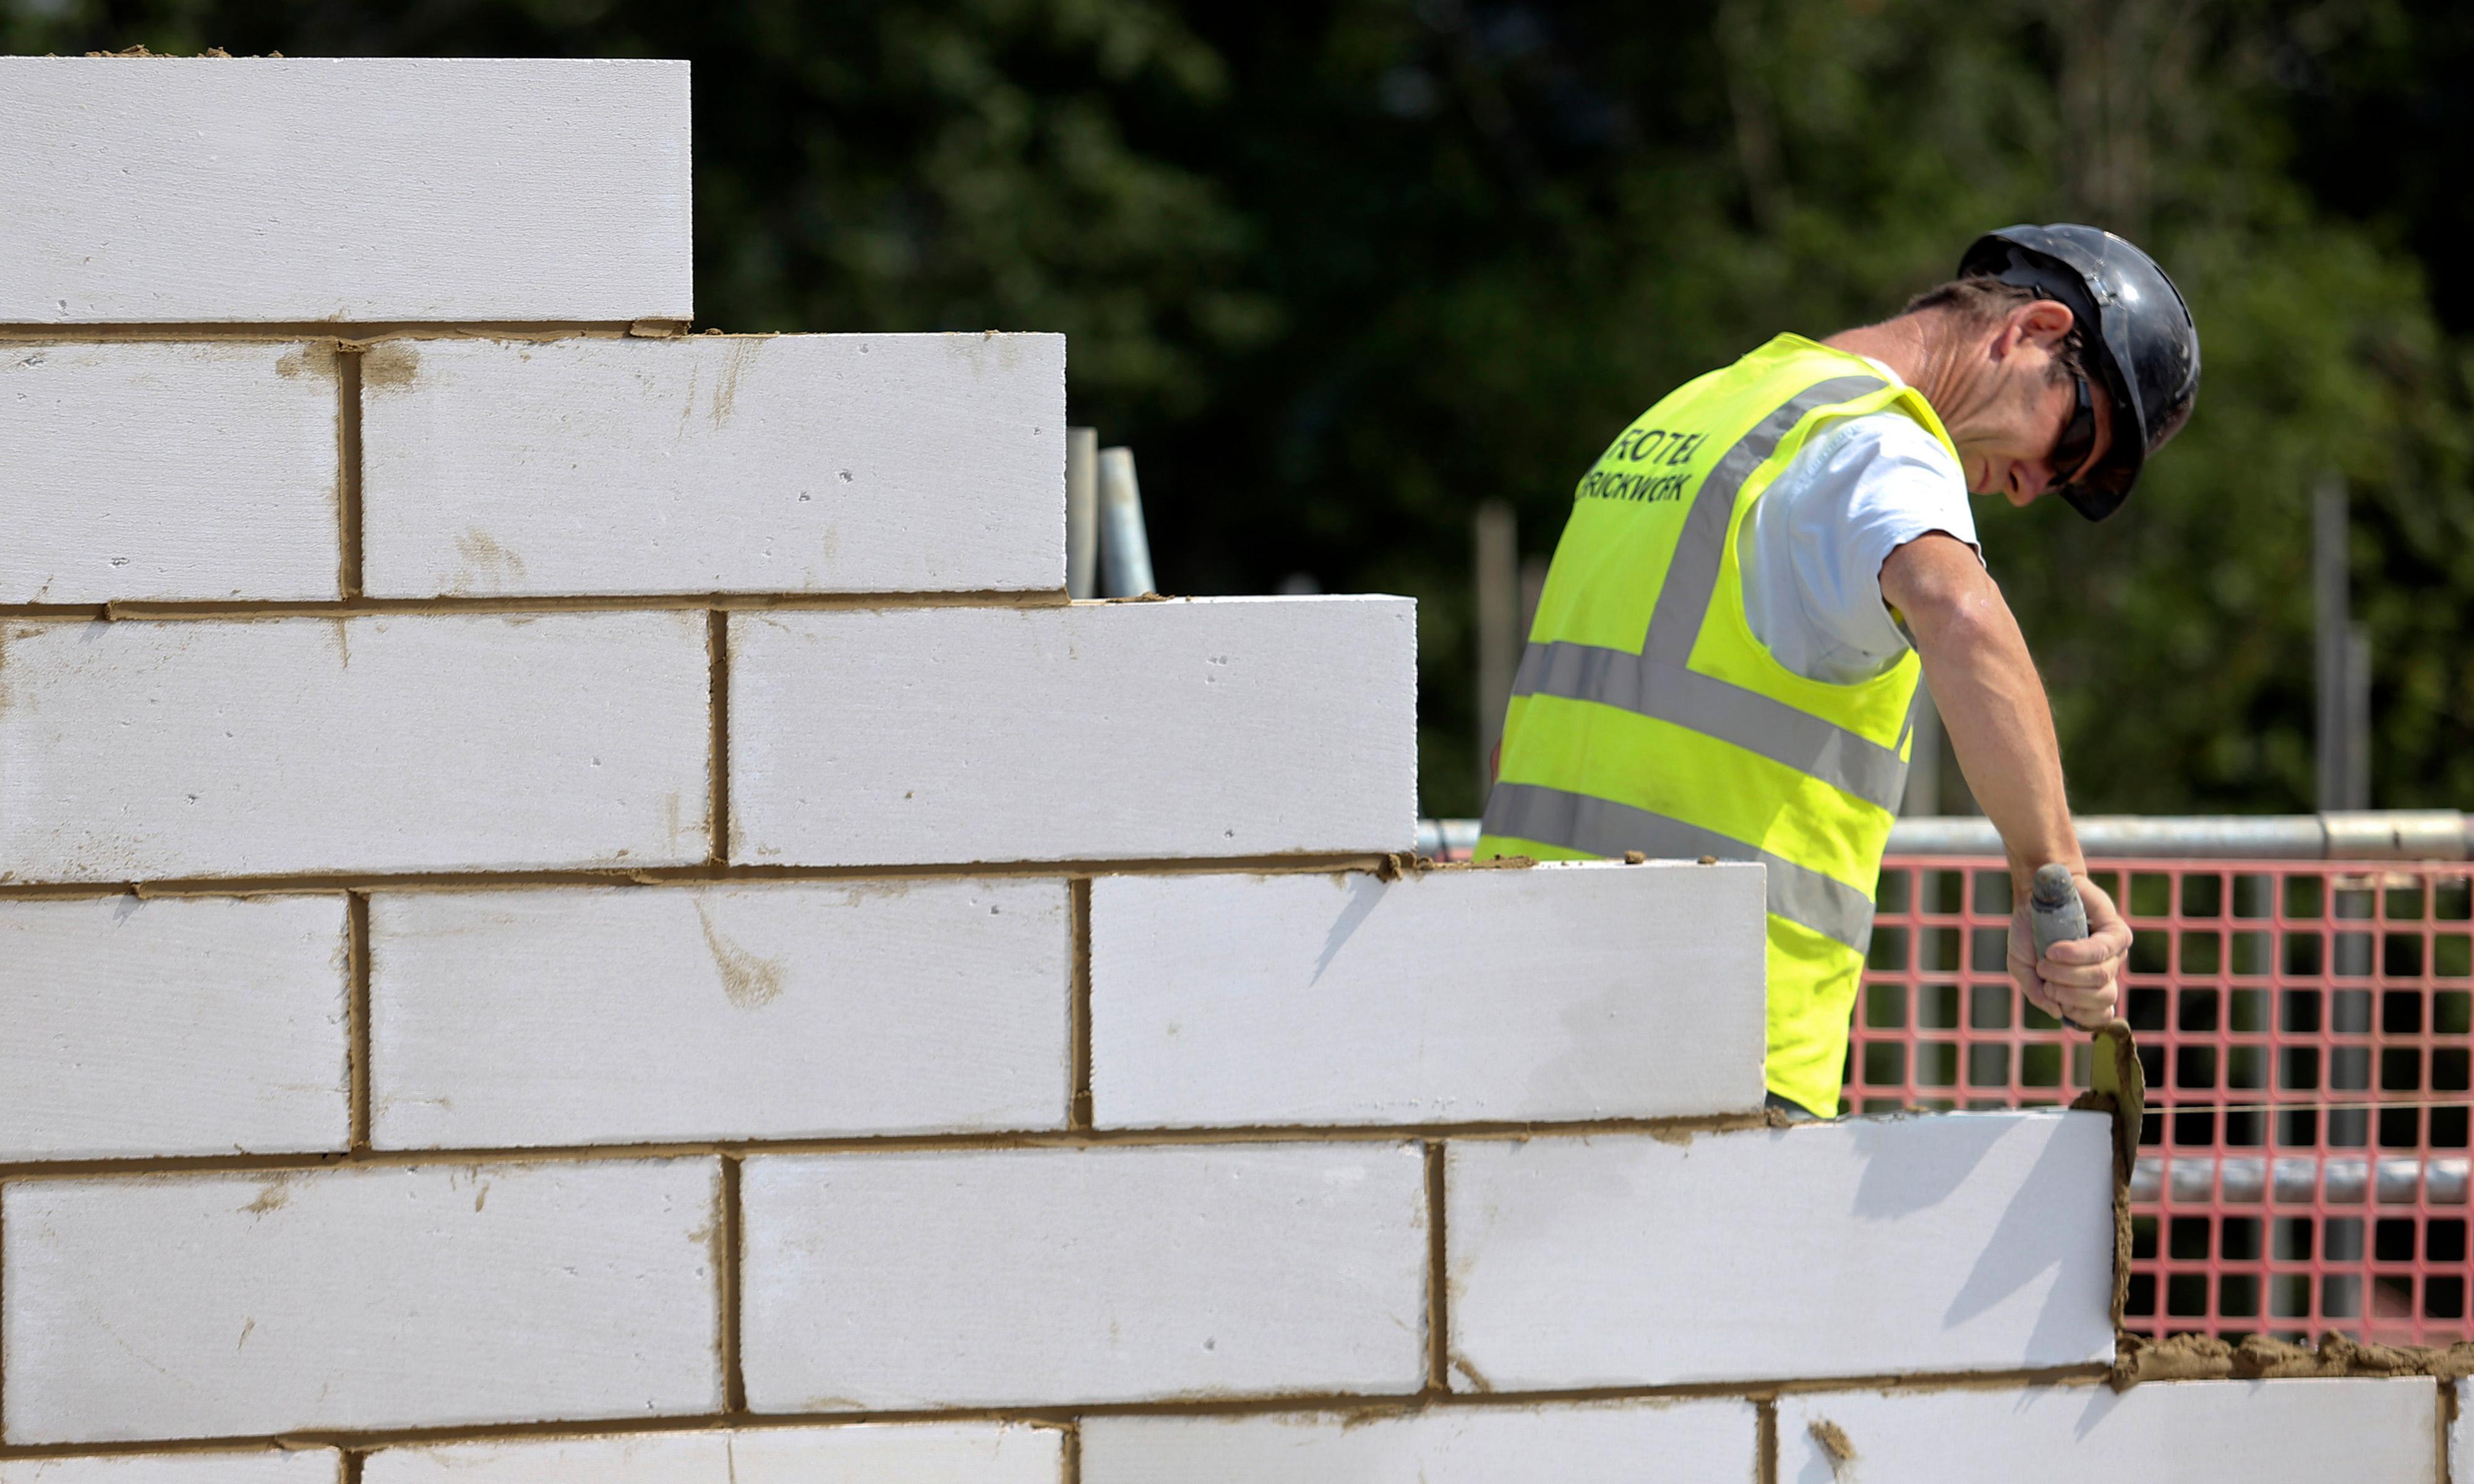 Is Labour's pledge to build 100,000 council houses achievable?